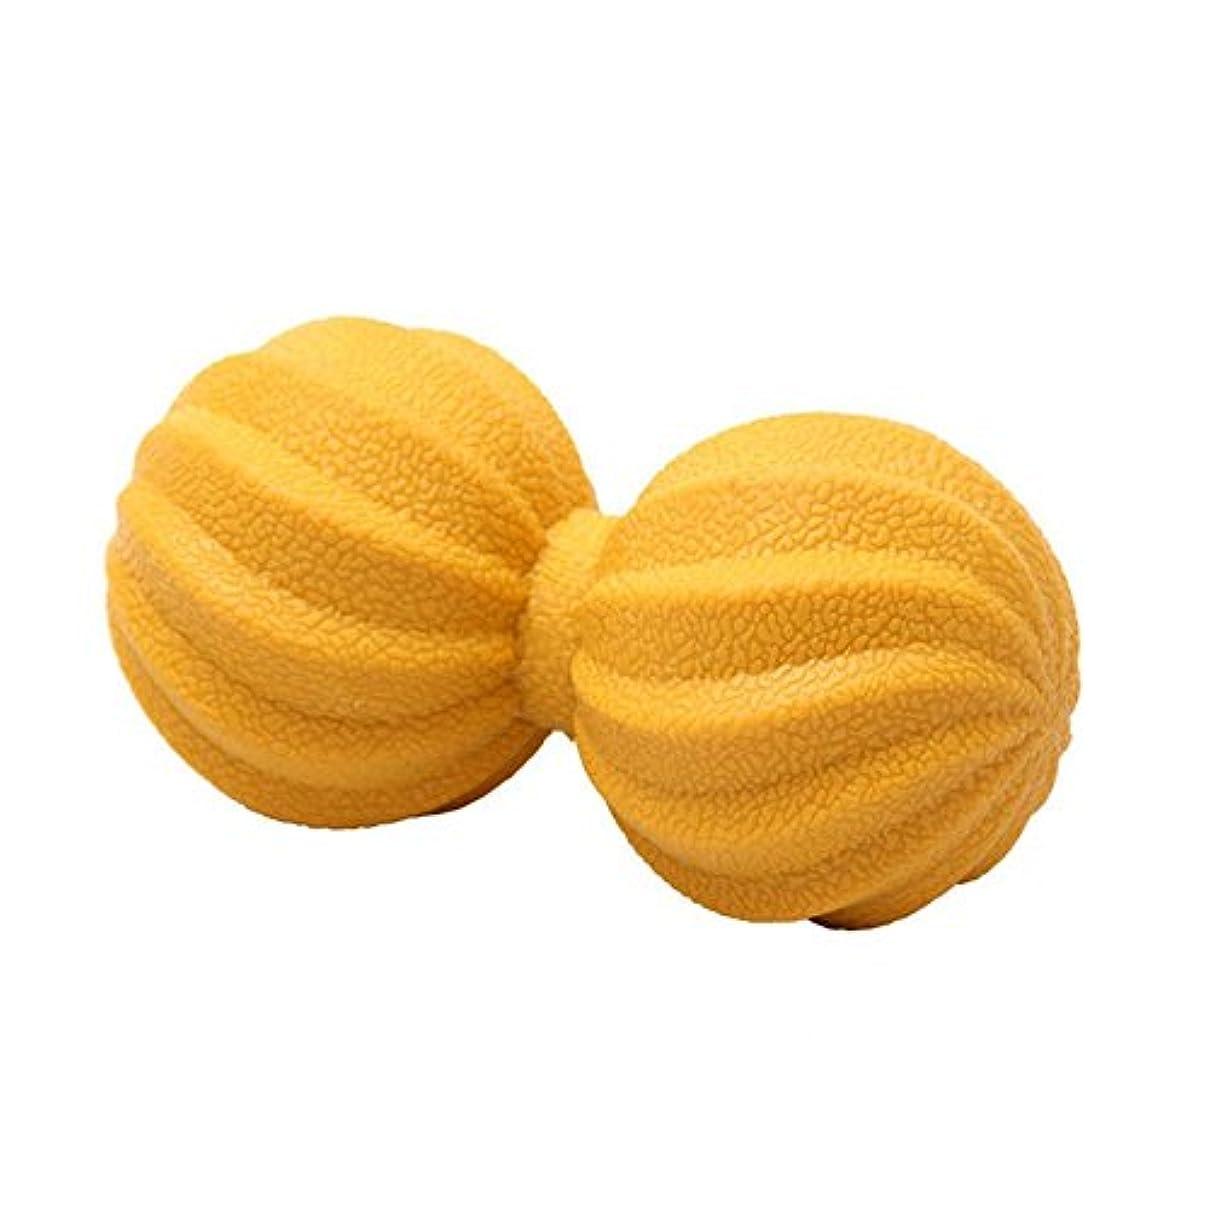 展示会知覚的唯一マッサージボール TPE 痛み緩和 ホッケーボール 肩/背中/腰/ふくらはぎ/足裏 筋膜リリース 血液循環